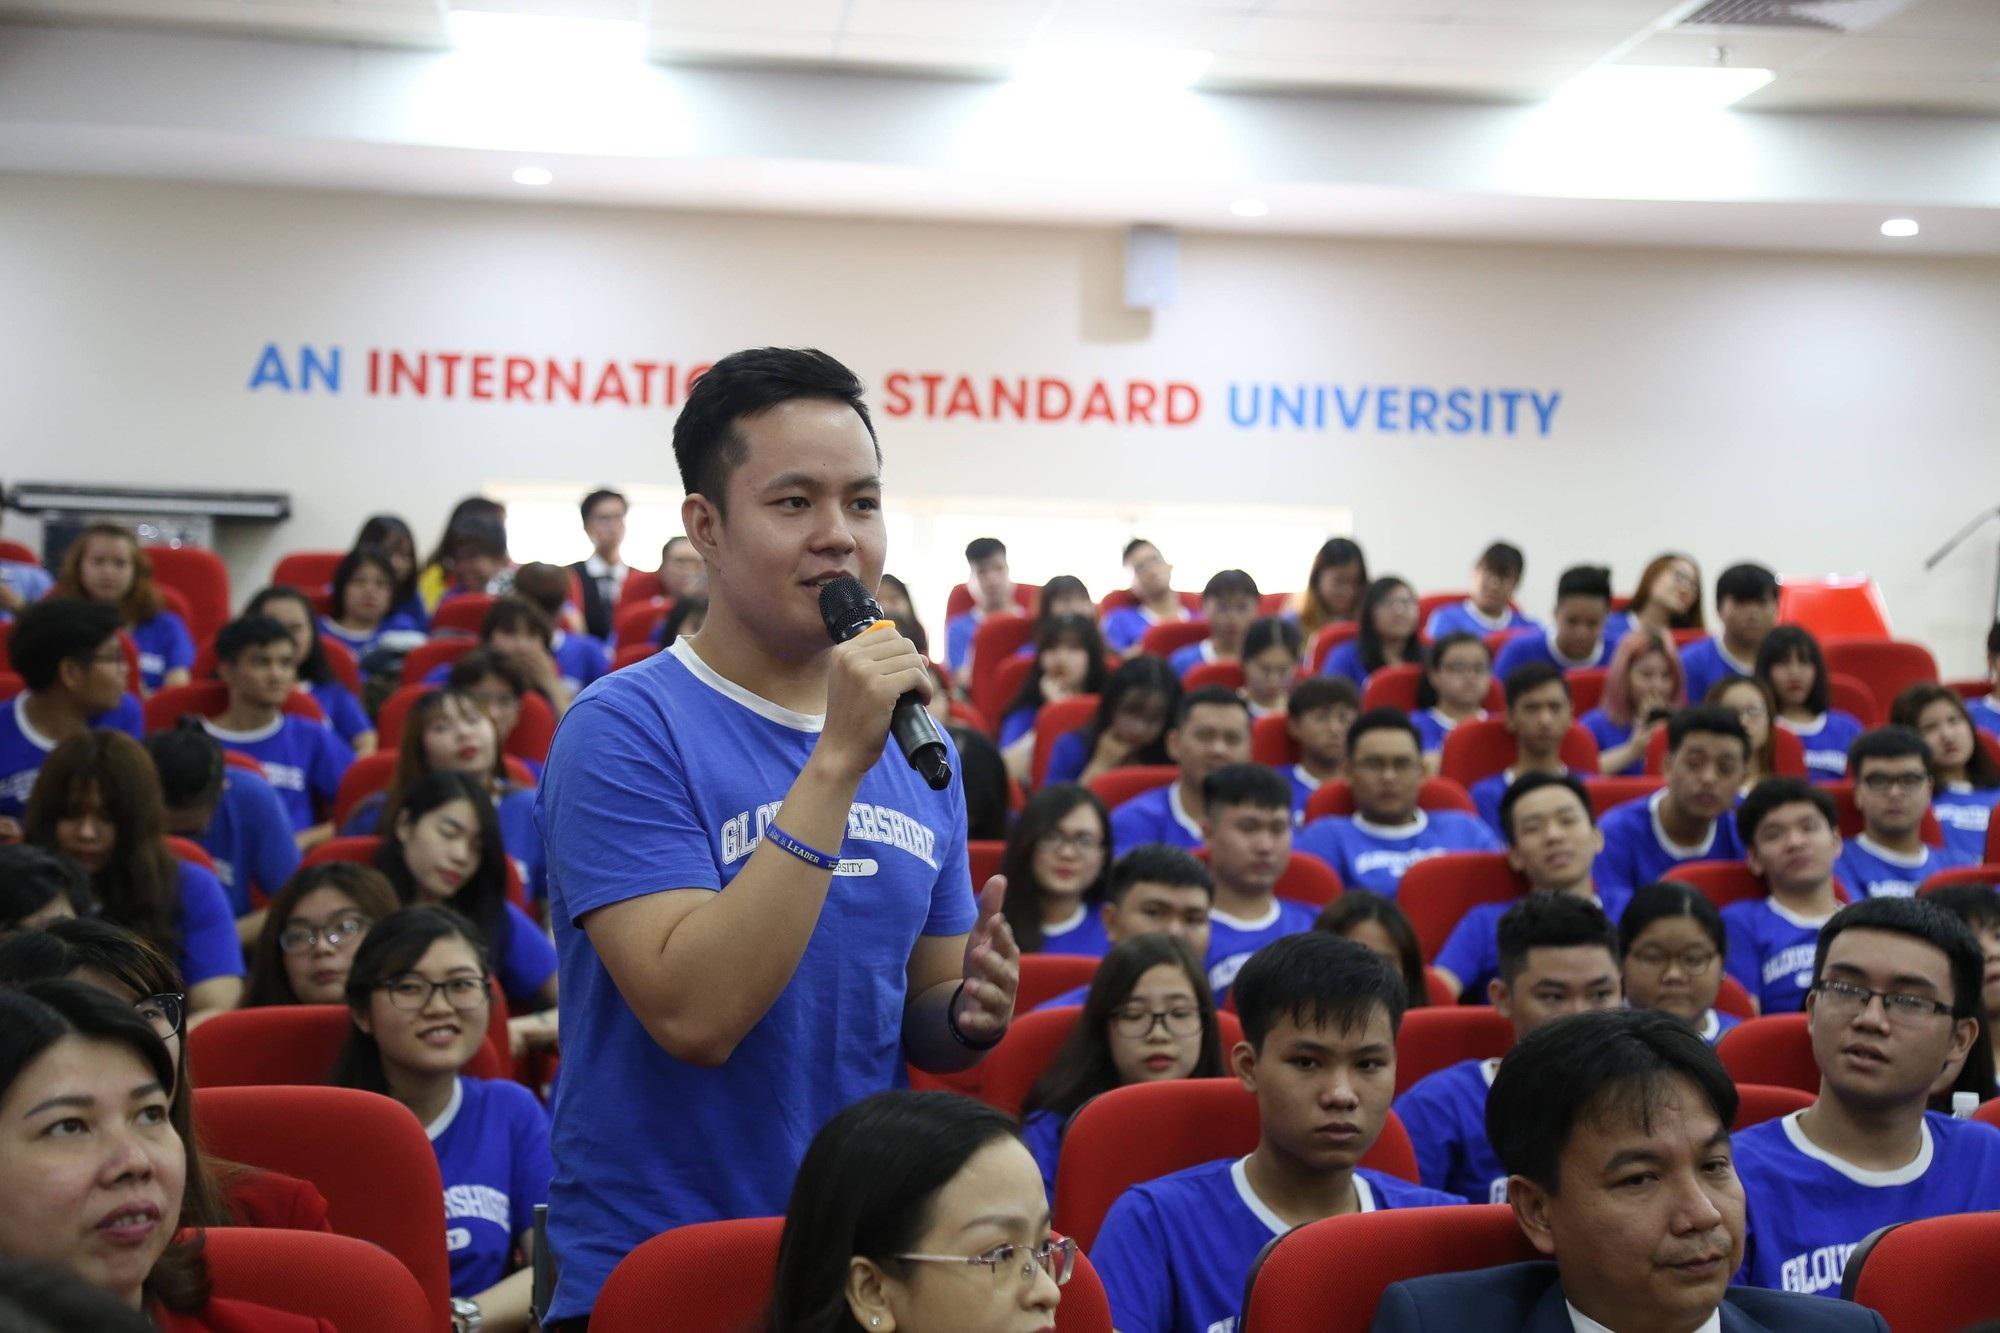 Bộ trưởng Nhà nước vương quốc Anh khuyên sinh viên Việt không nên chỉ học ở sách vở - Ảnh 2.